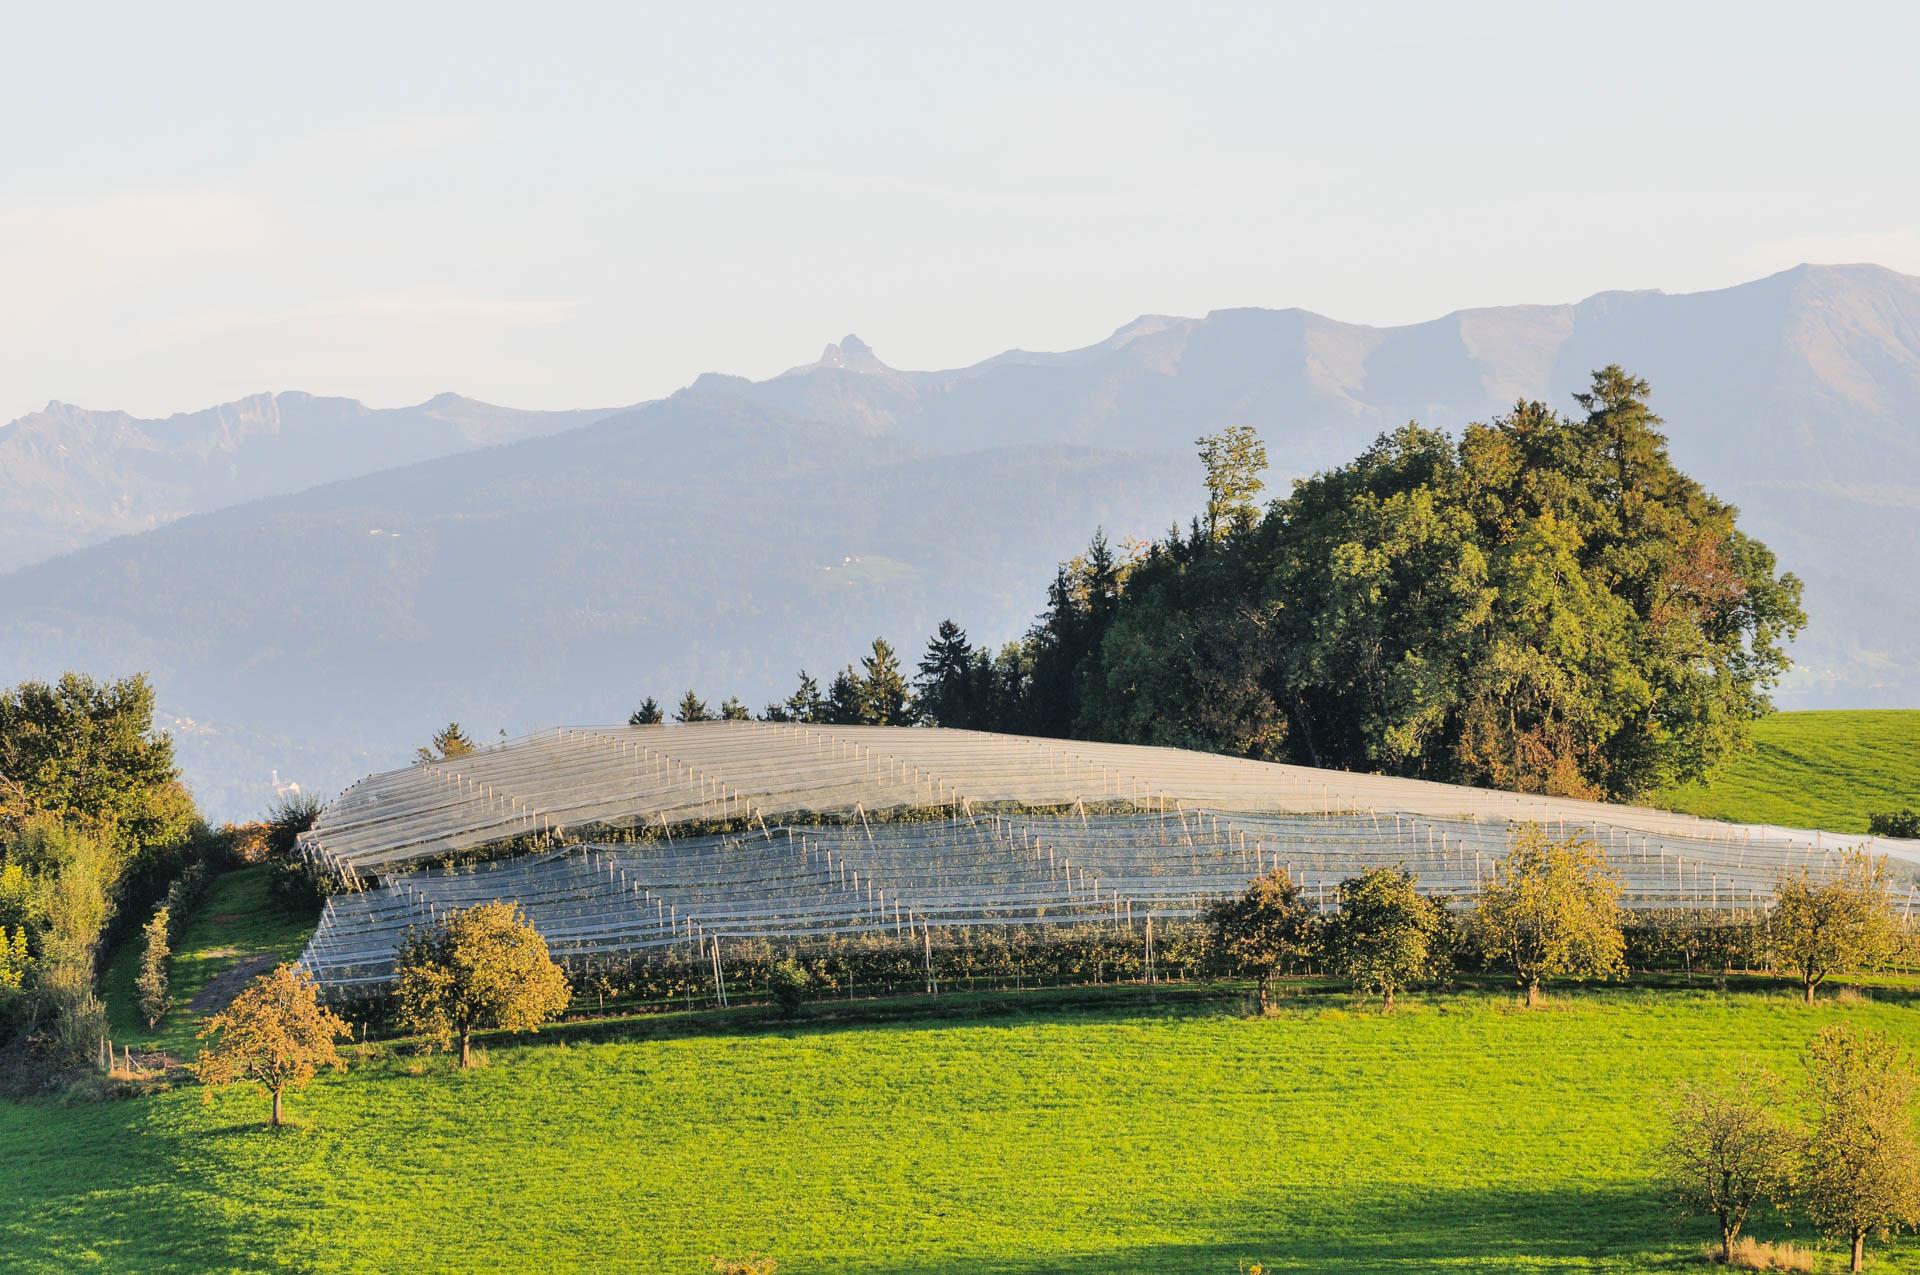 Traumhafter Alpenblick vom Gasthaus Seerose in Nitzenweiler bei Kressbronn am Bodensee